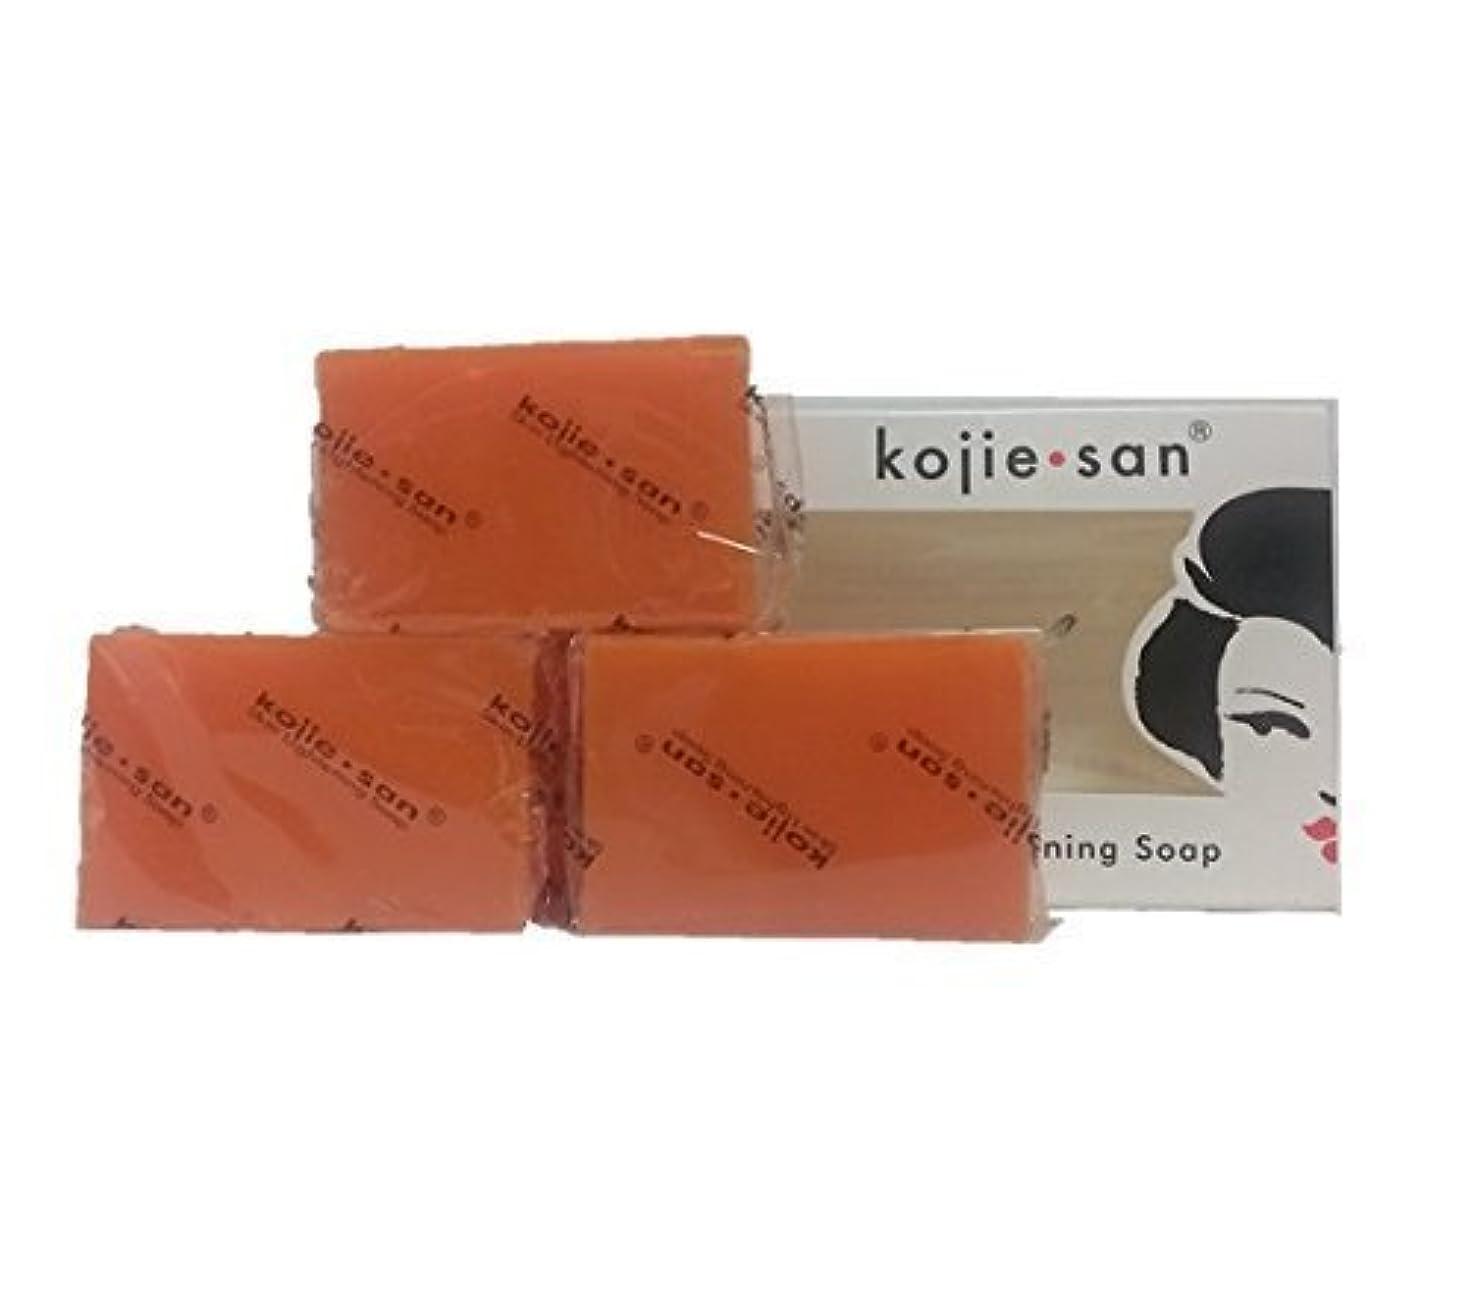 文字通り負荷透過性Kojie san Skin Lightning Soap 3 pcs こじえさんスキンライトニングソープ3個パック [並行輸入品]